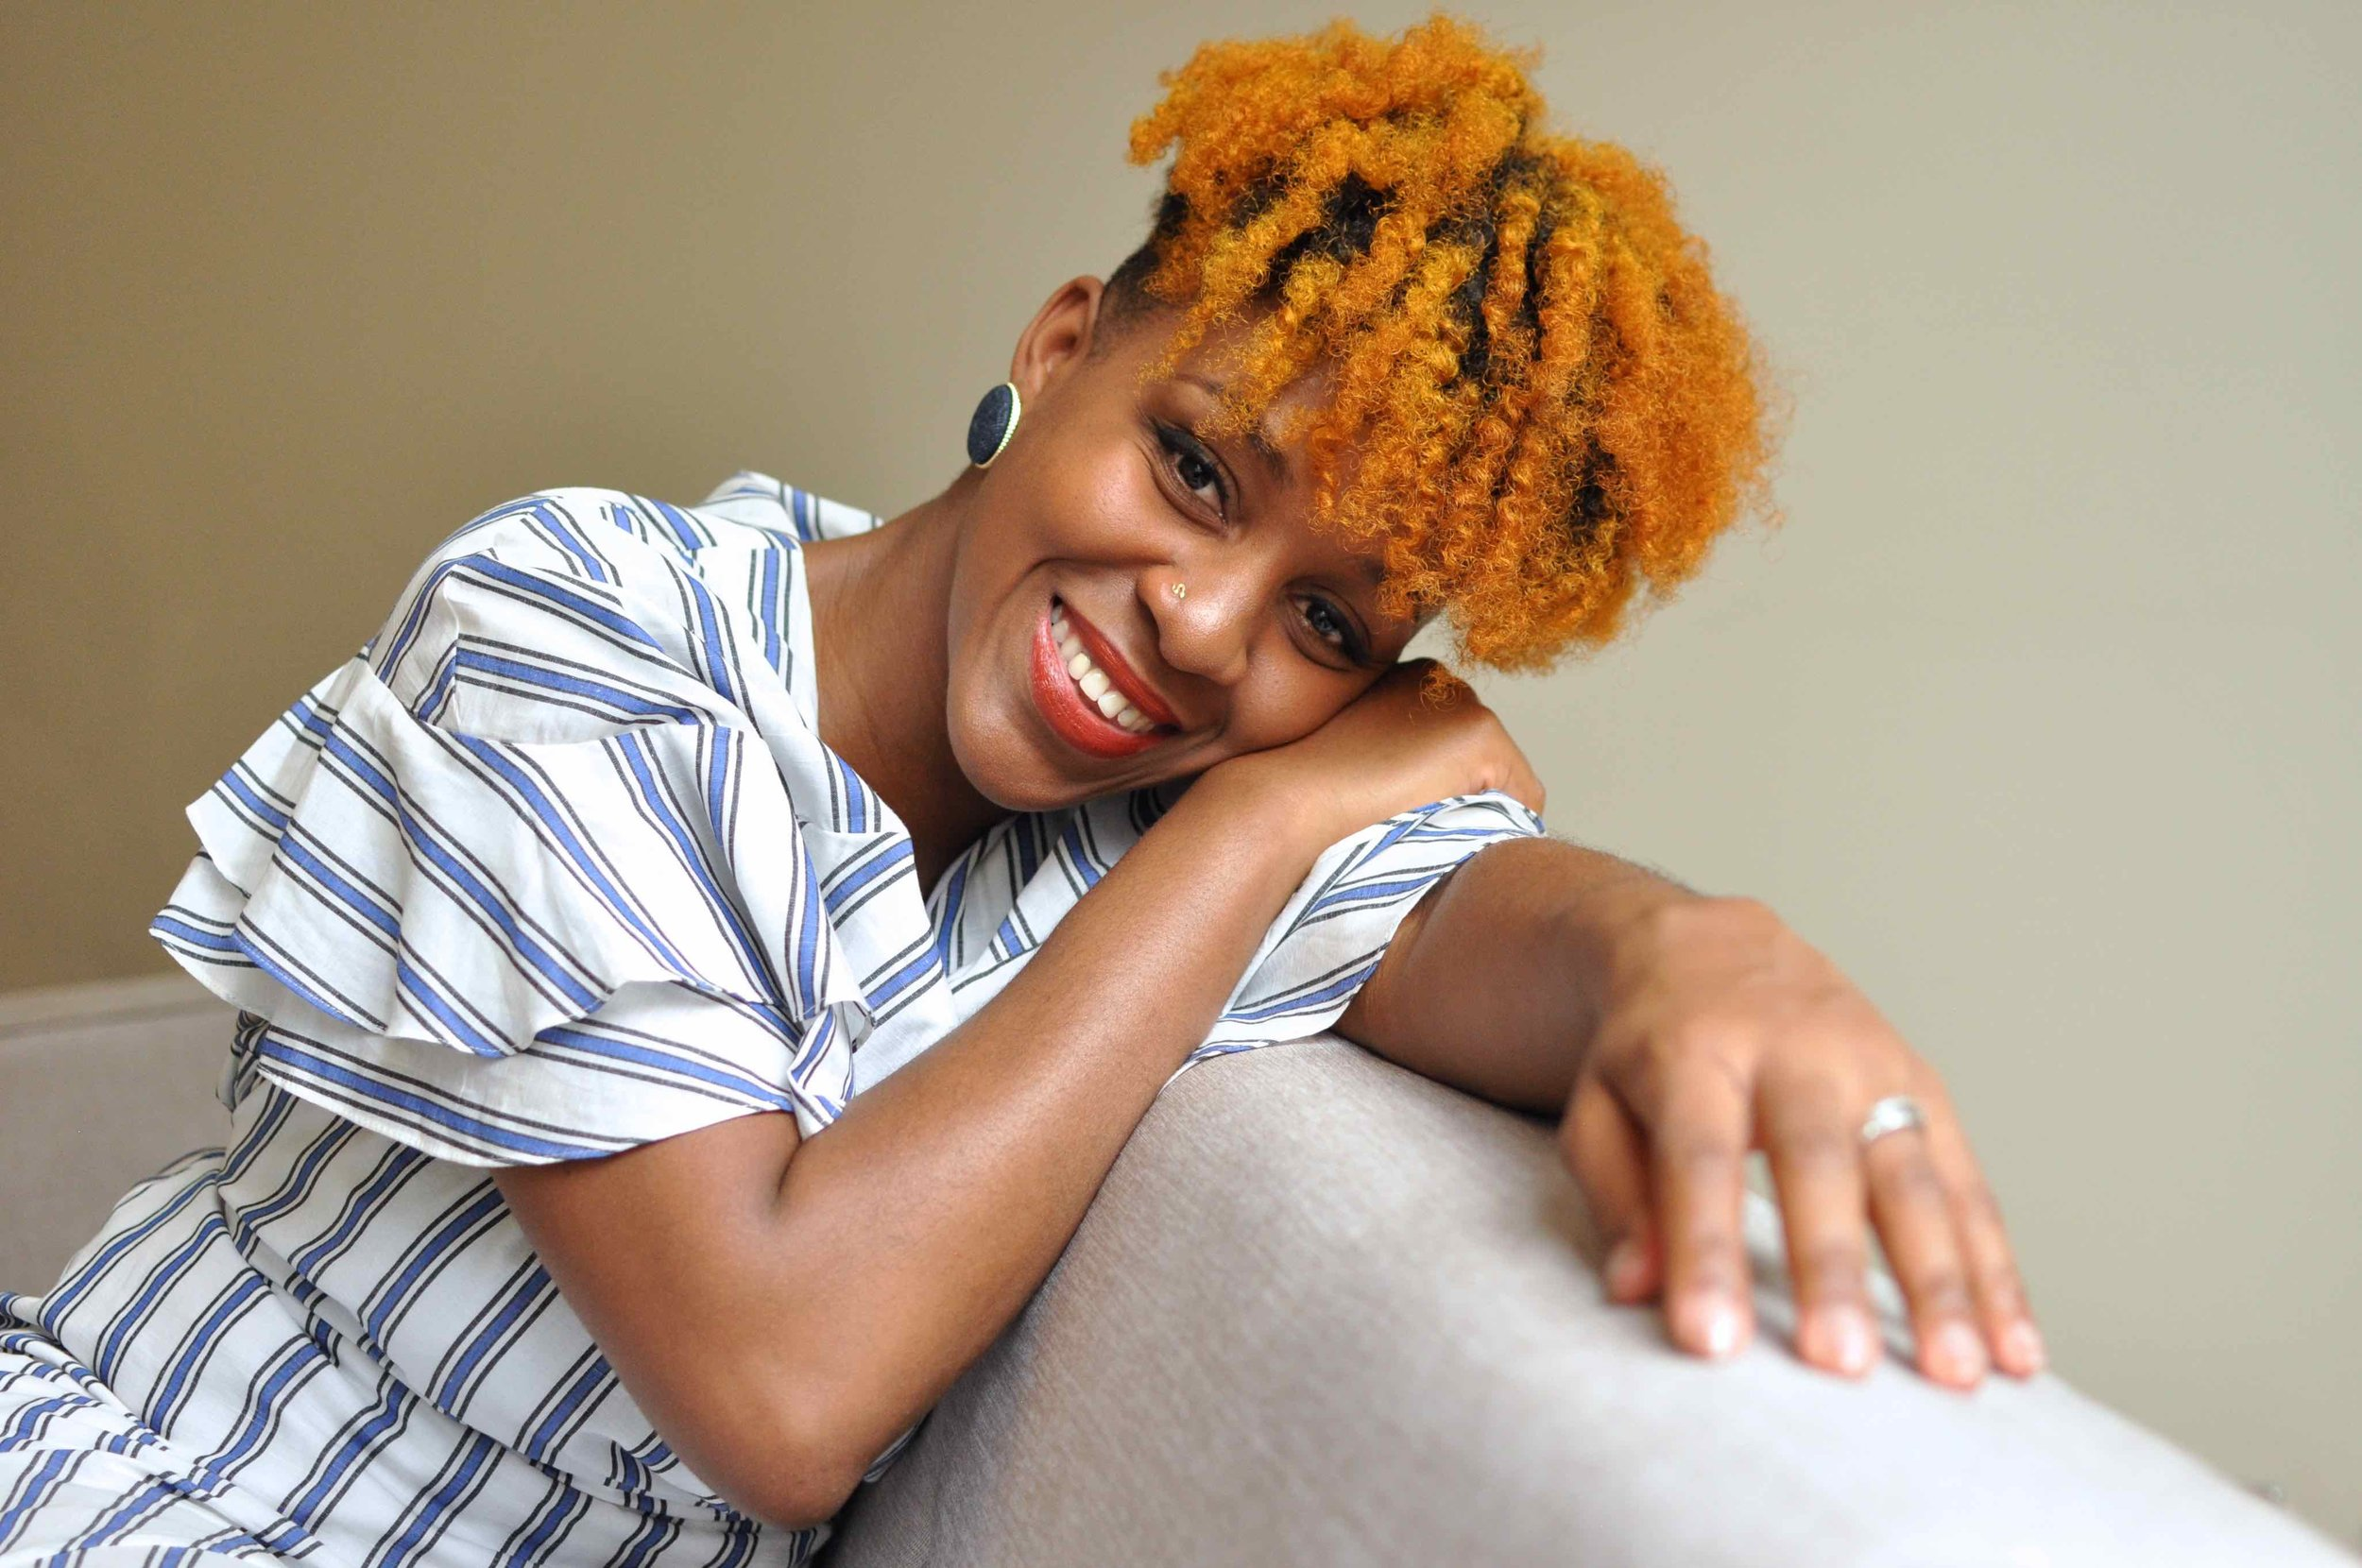 Hair Style orange, Cheveux crépus colorés Maquillage naturel : teint, cernes et imperfections